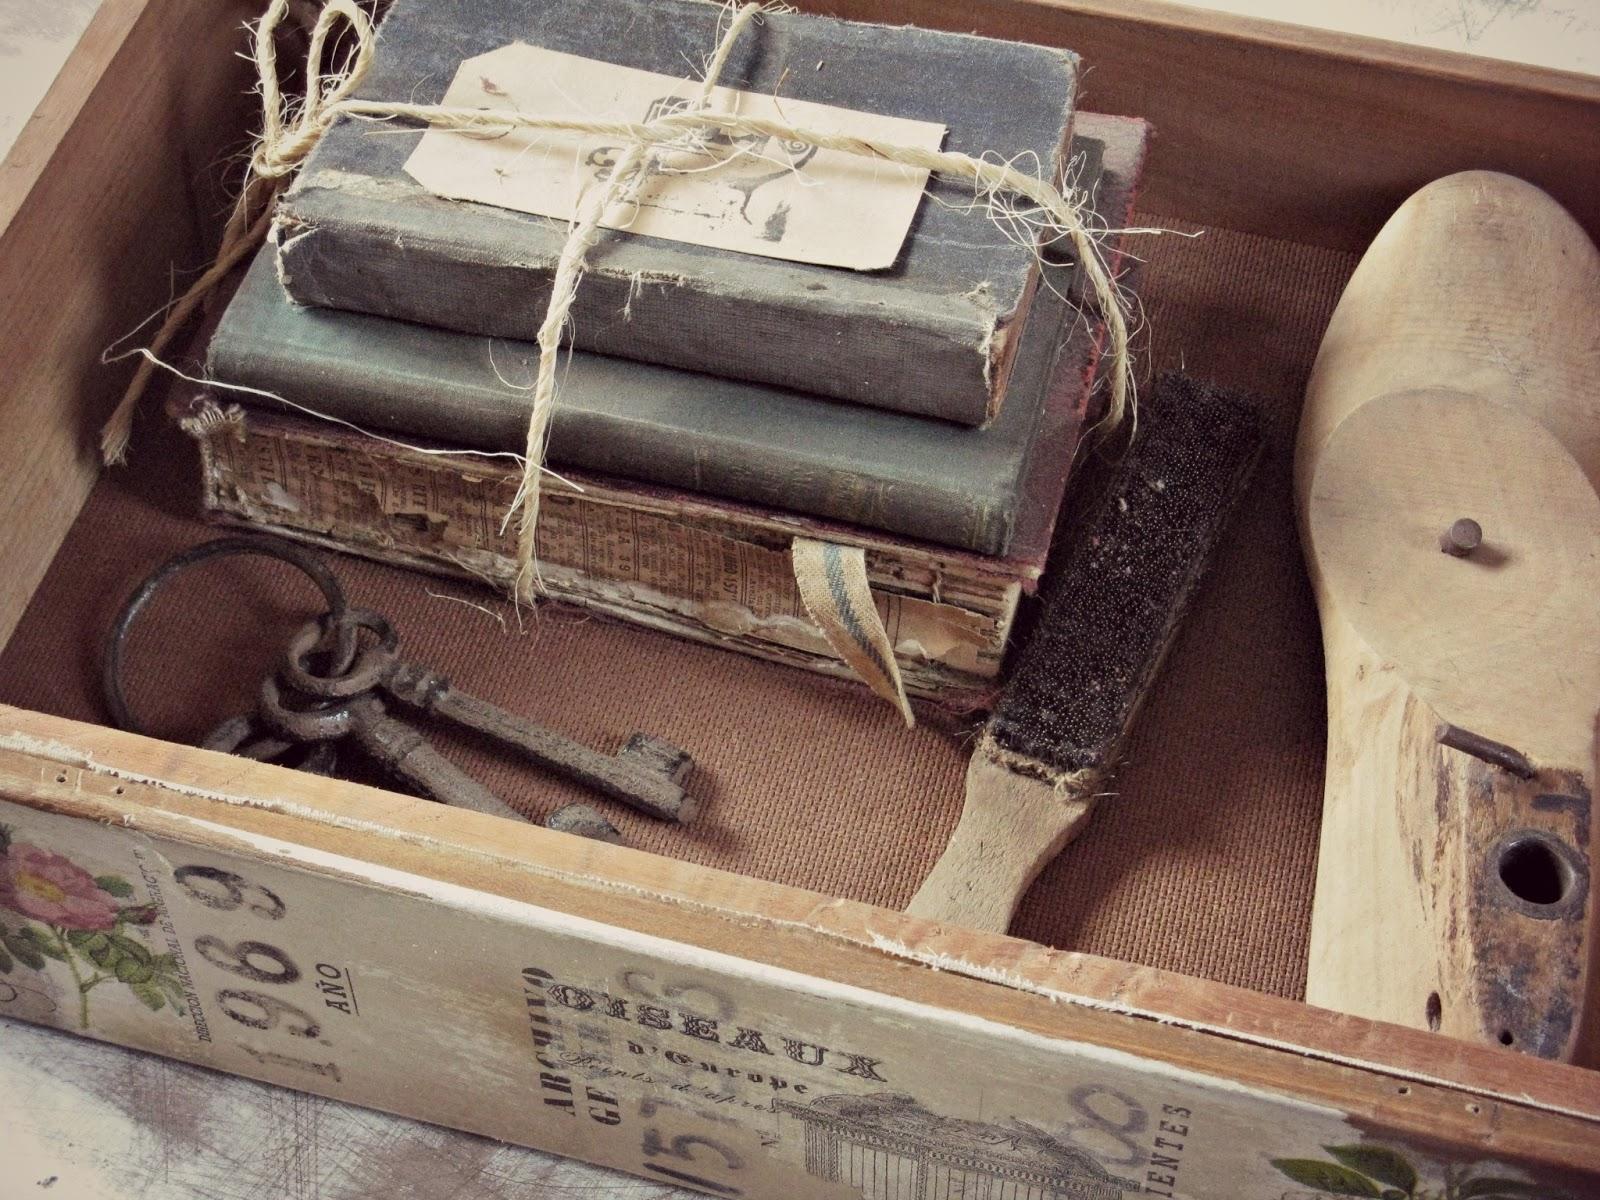 Tienda la florinda cajas cajones vintage - Cajones de madera antiguos ...